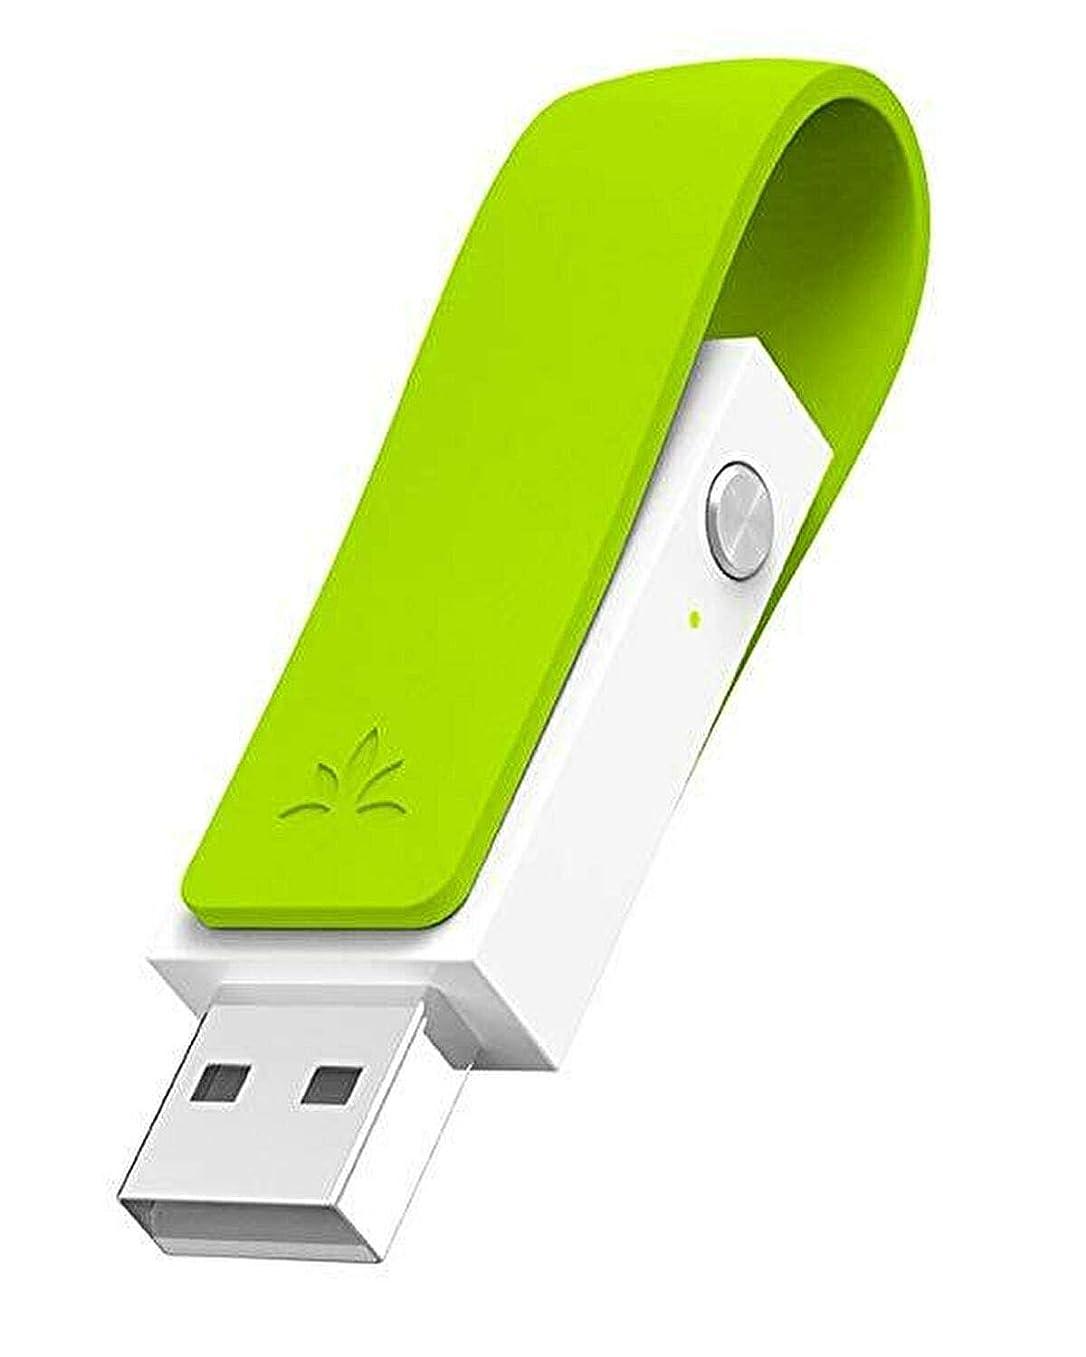 君主リーフレットピンク充電不要 ドライバーインストール不要 bluetooth オーディオアダプター USB ブルートゥース トランスミッター aptX LL 高音質 低遅延 PC Mac PS4 Nintendo Switch 用 Leaf